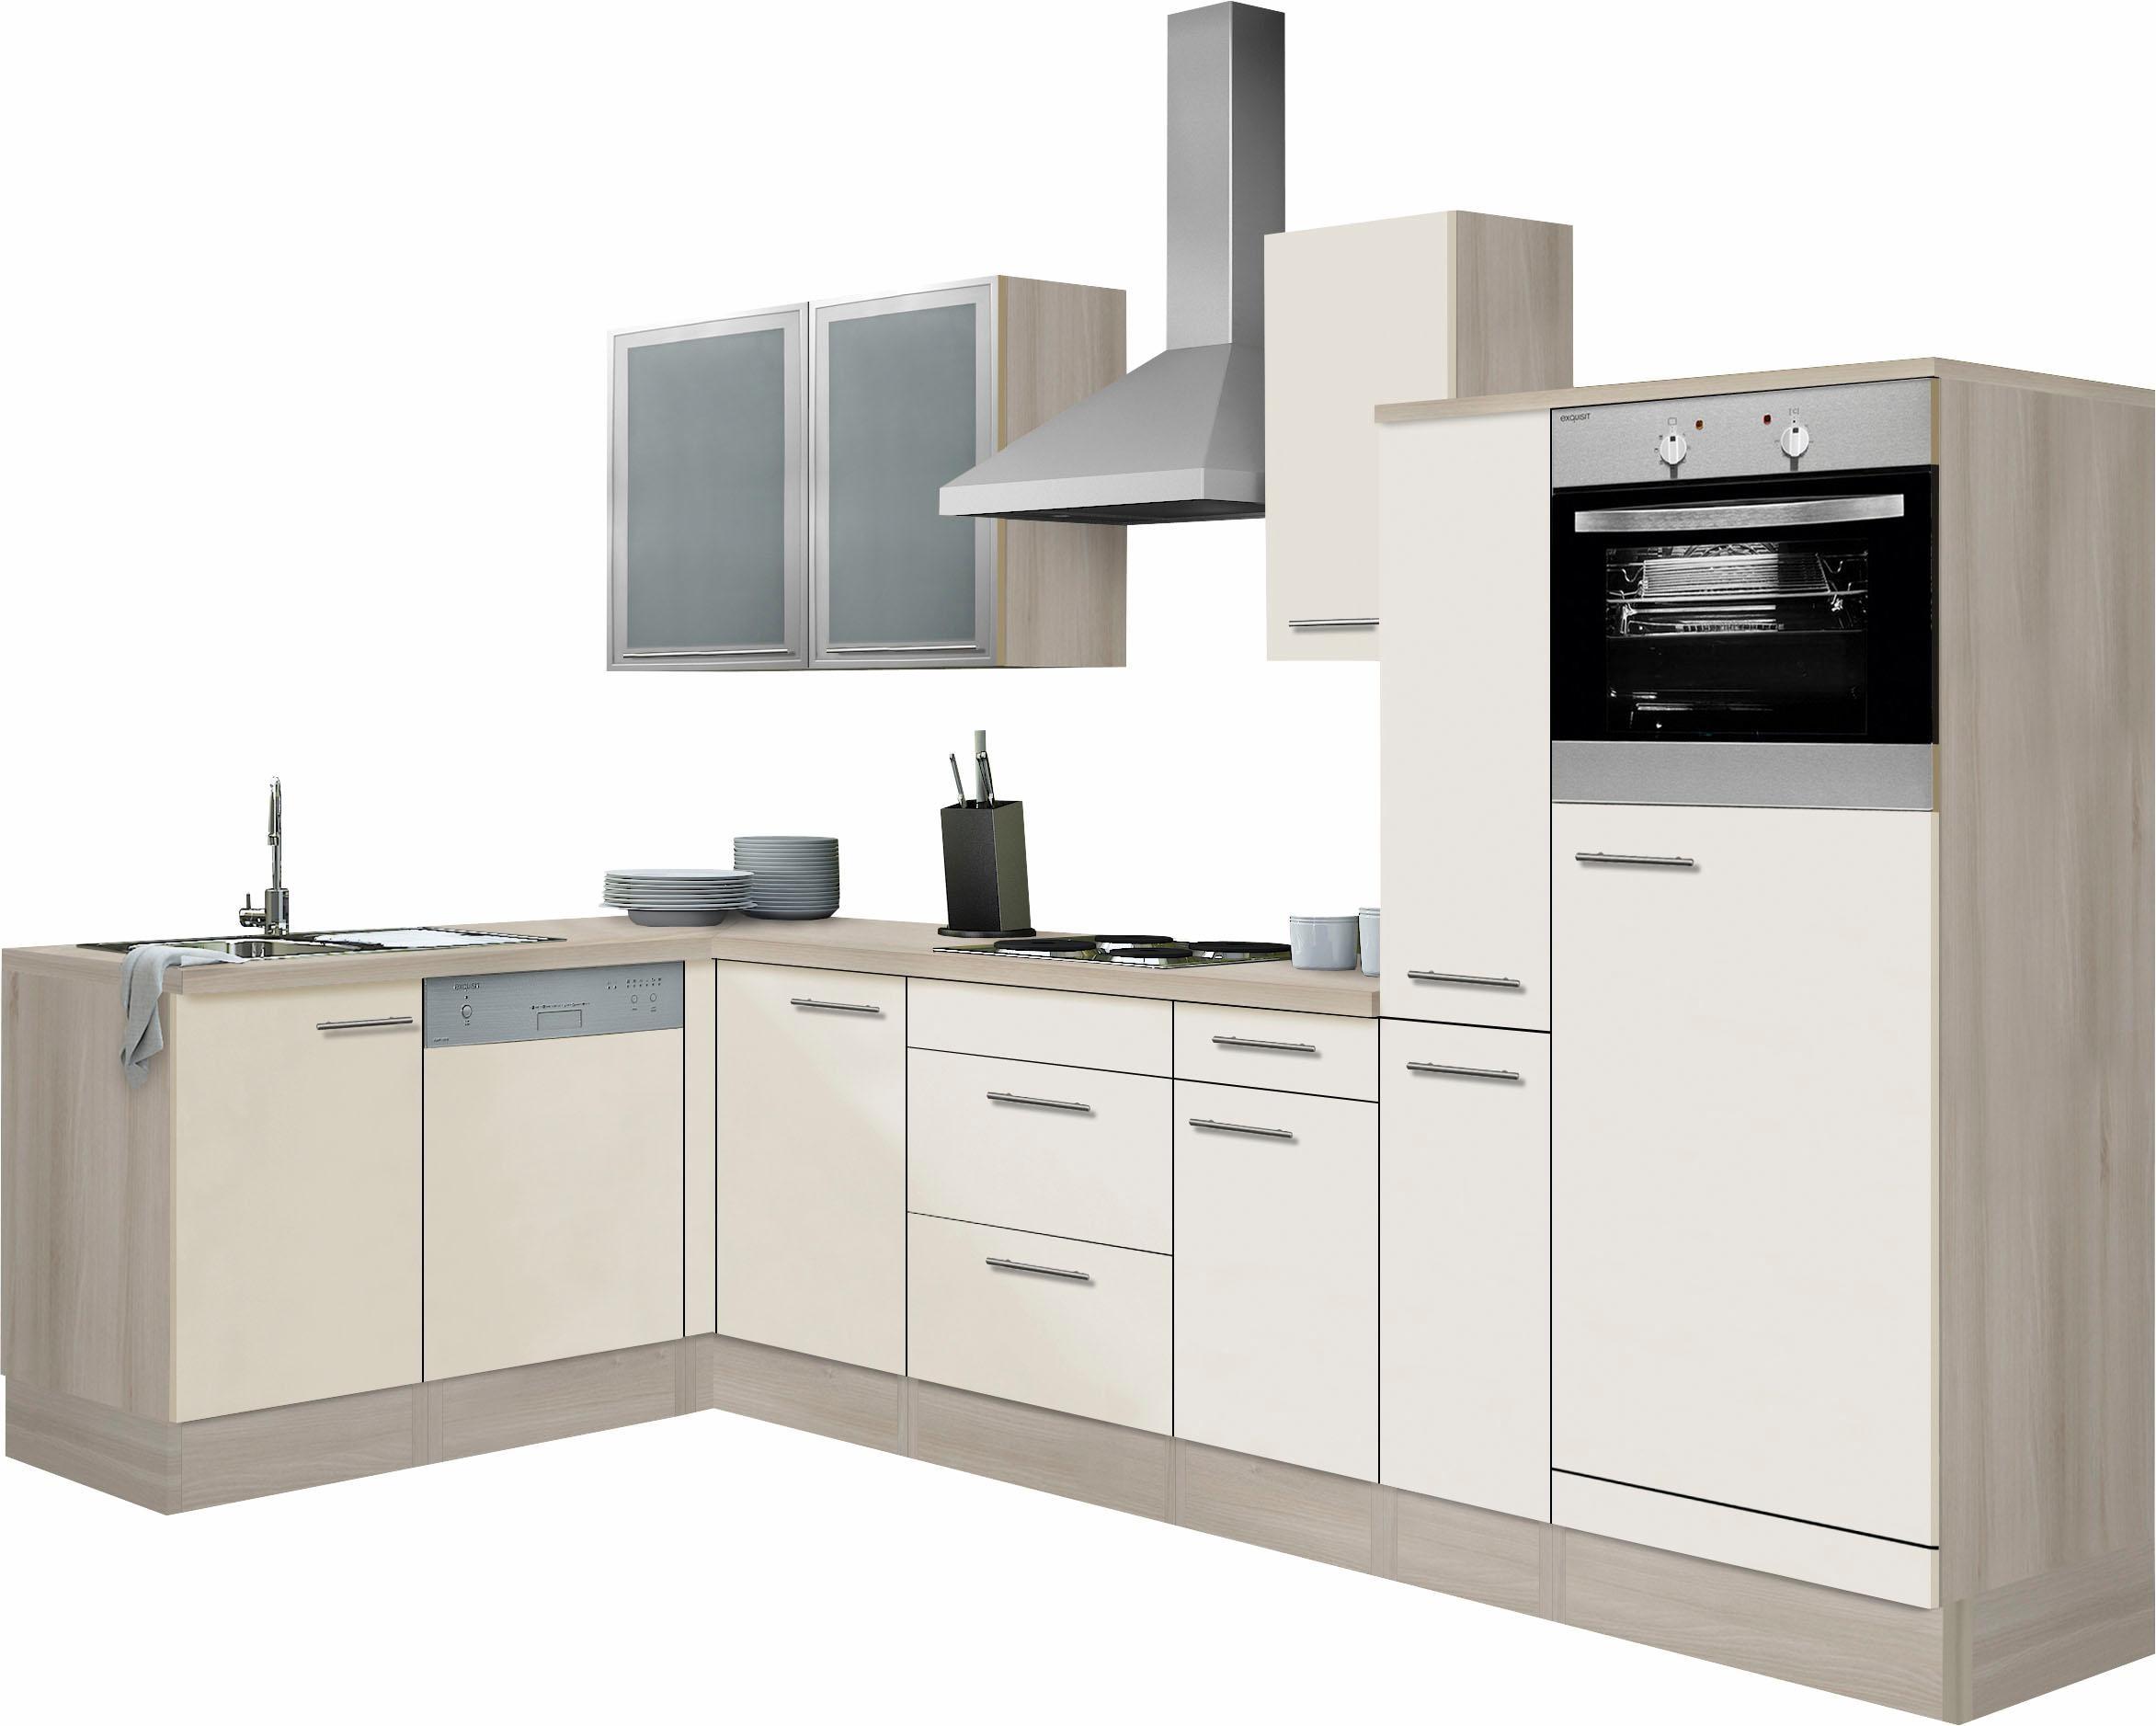 OPTIFIT Winkelküche Kalmar | Küche und Esszimmer > Küchen > Winkelküchen | Optifit